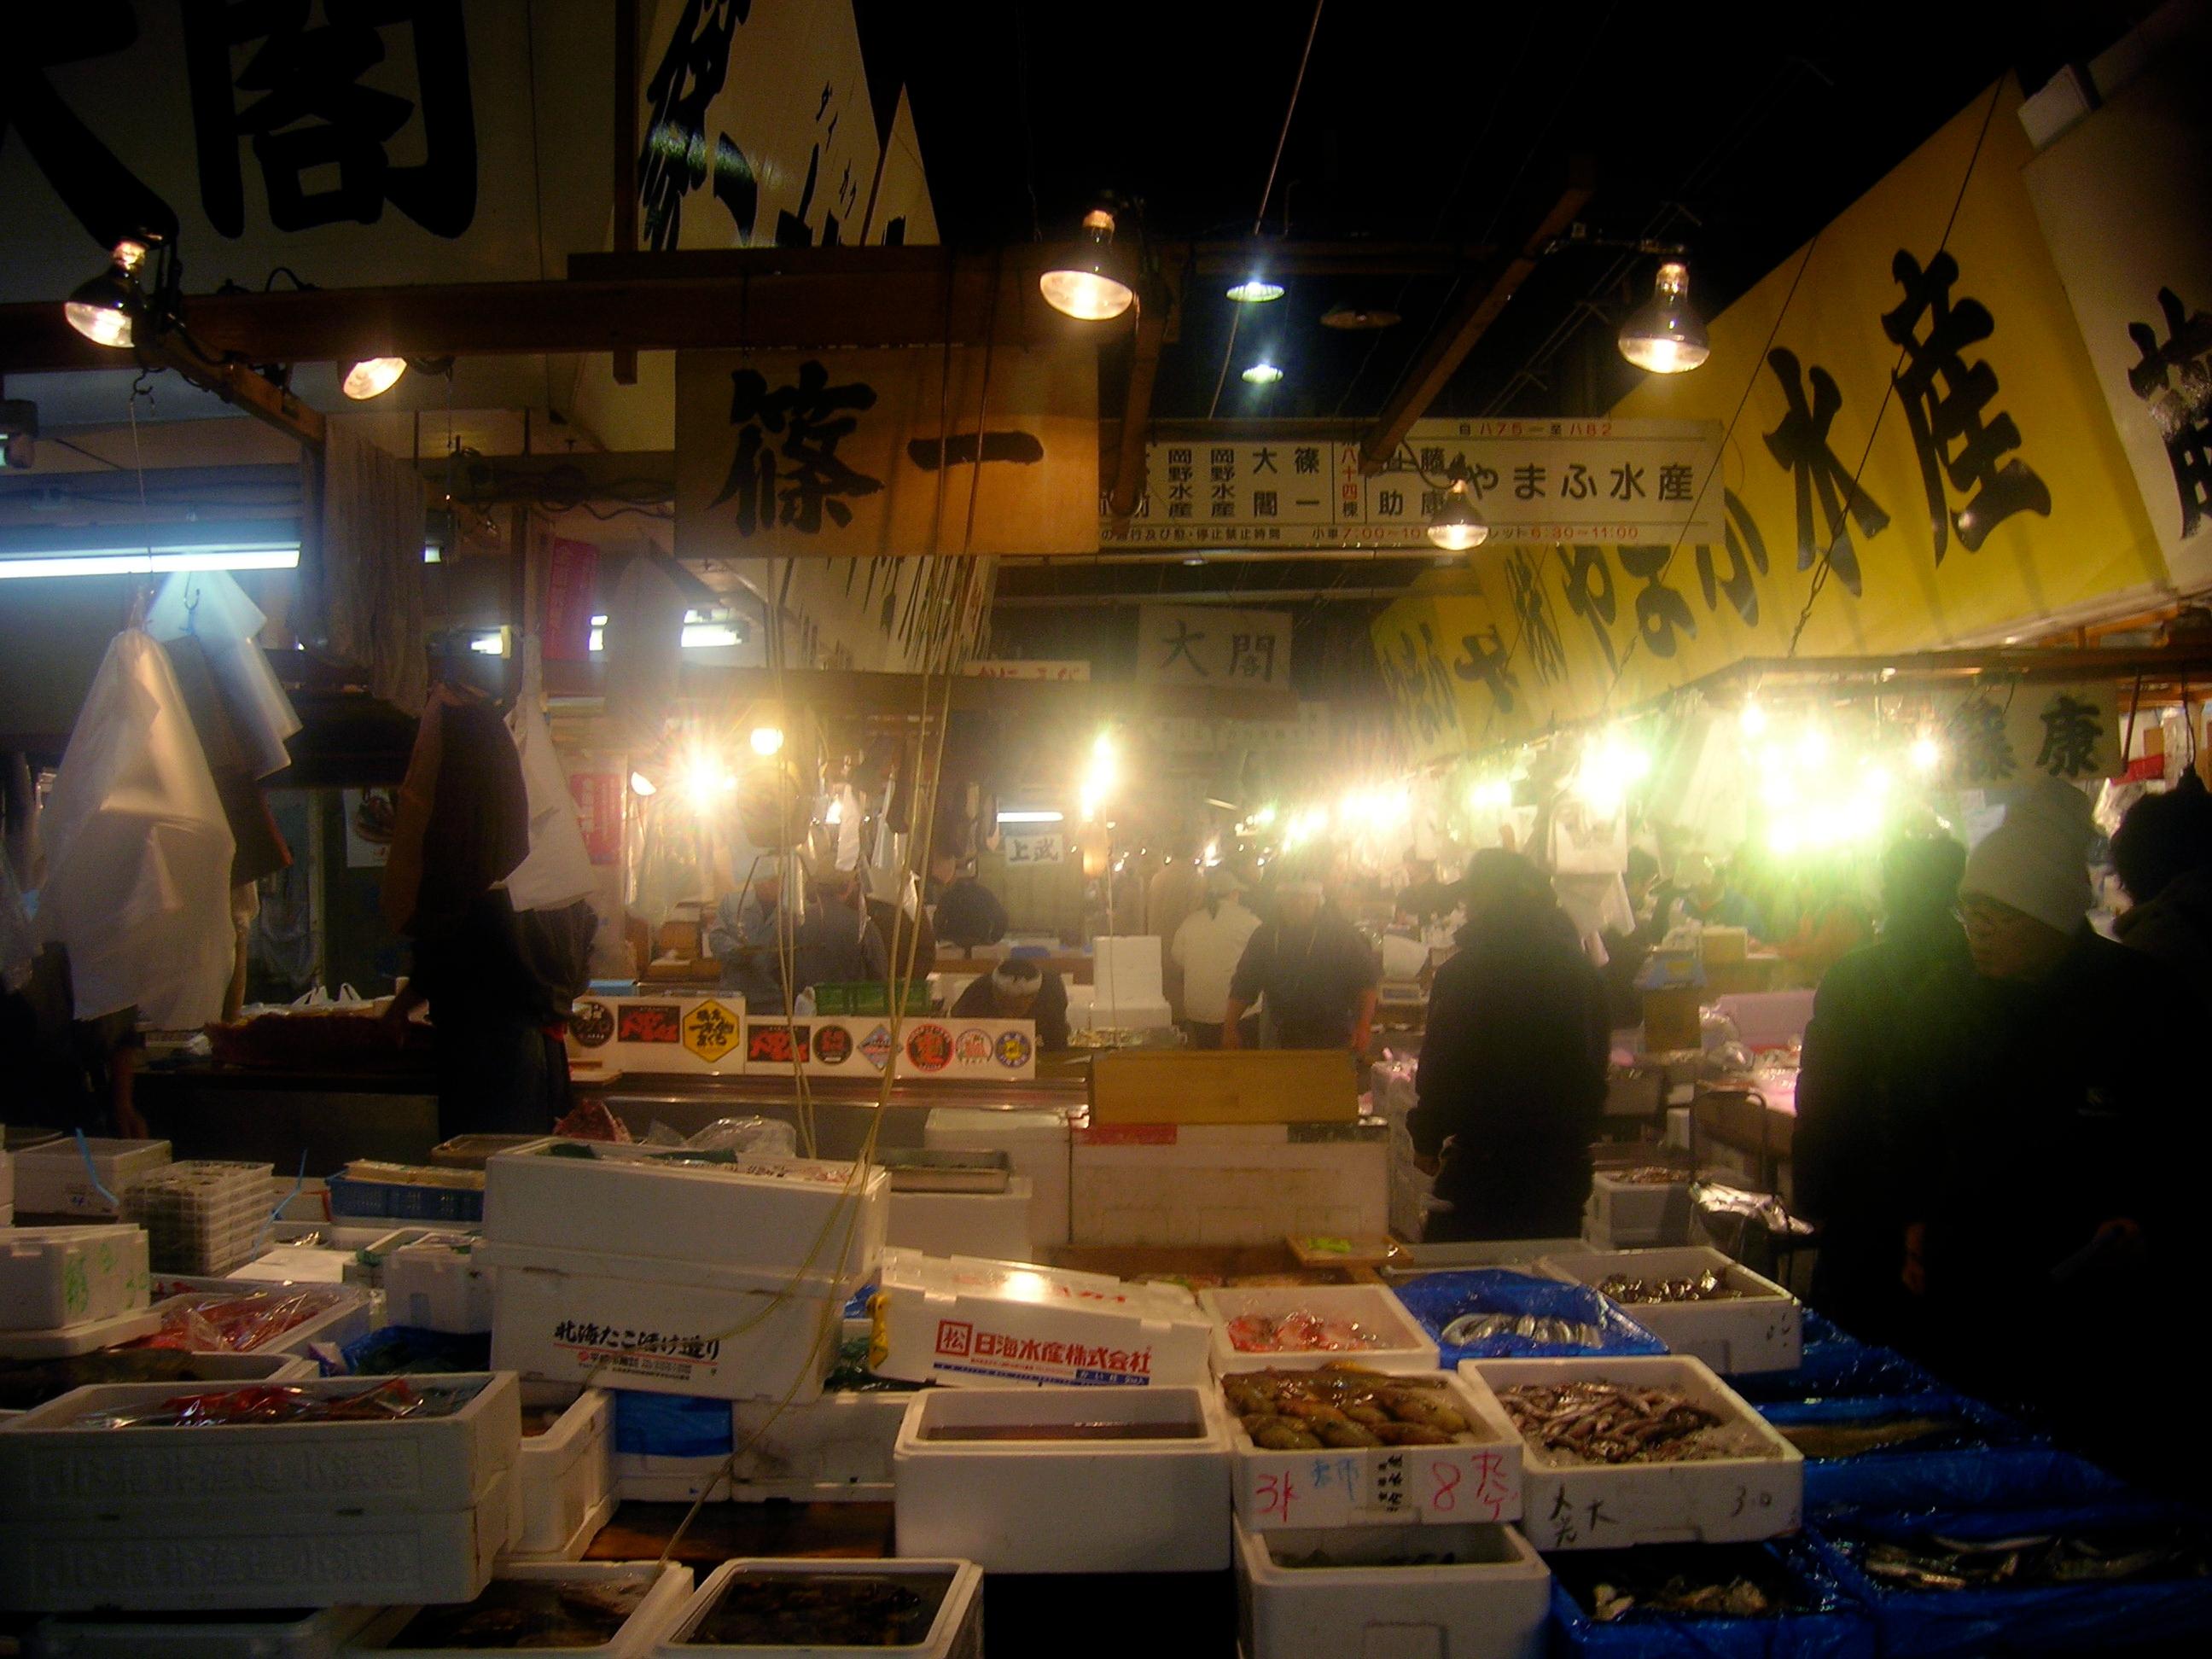 Japanese Street Food Tour of TSUKIJI Fish Market Tokyo